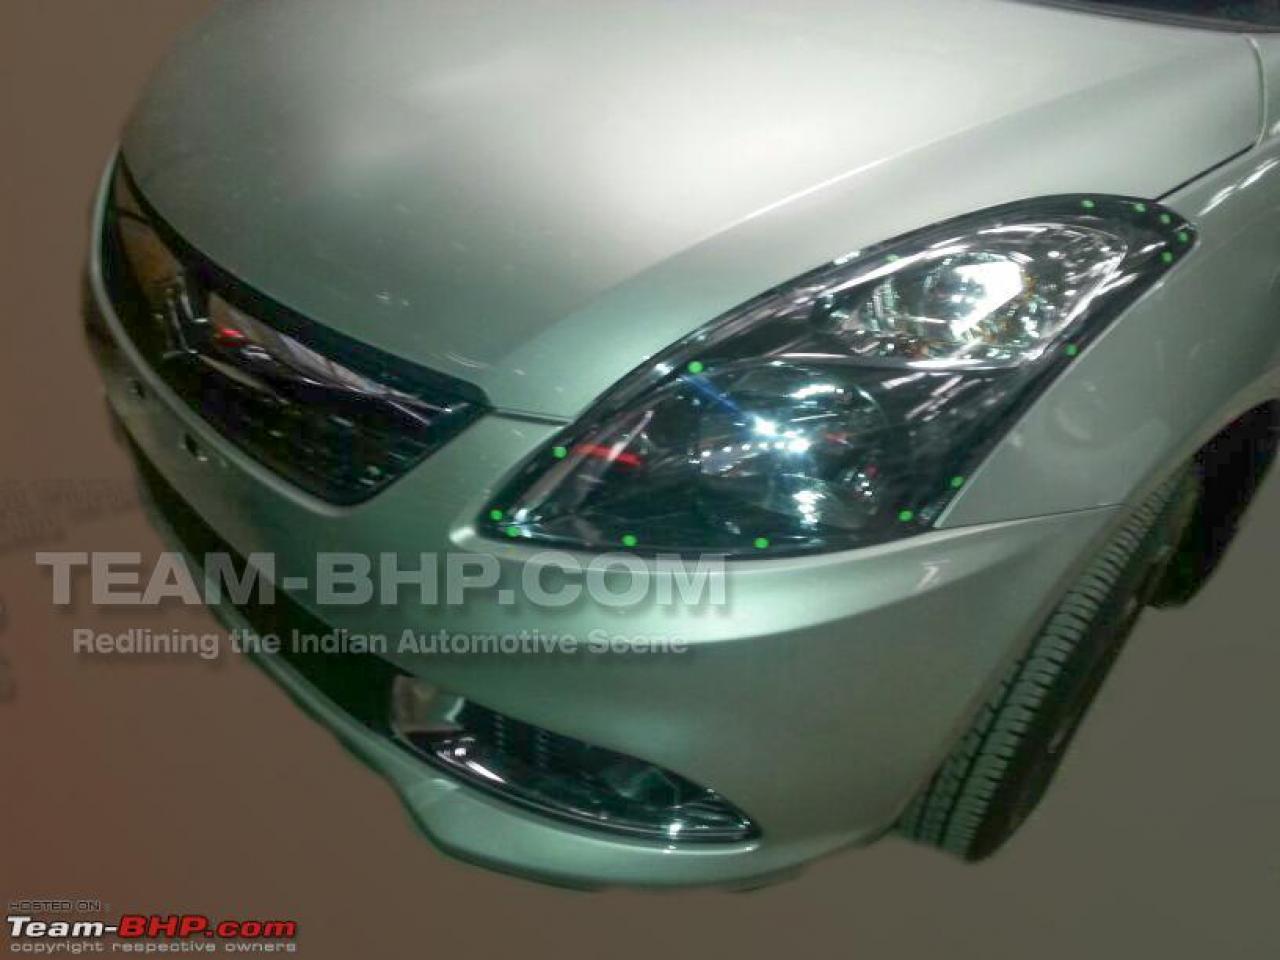 2014-Maruti-Dzire-facelift-headlamp